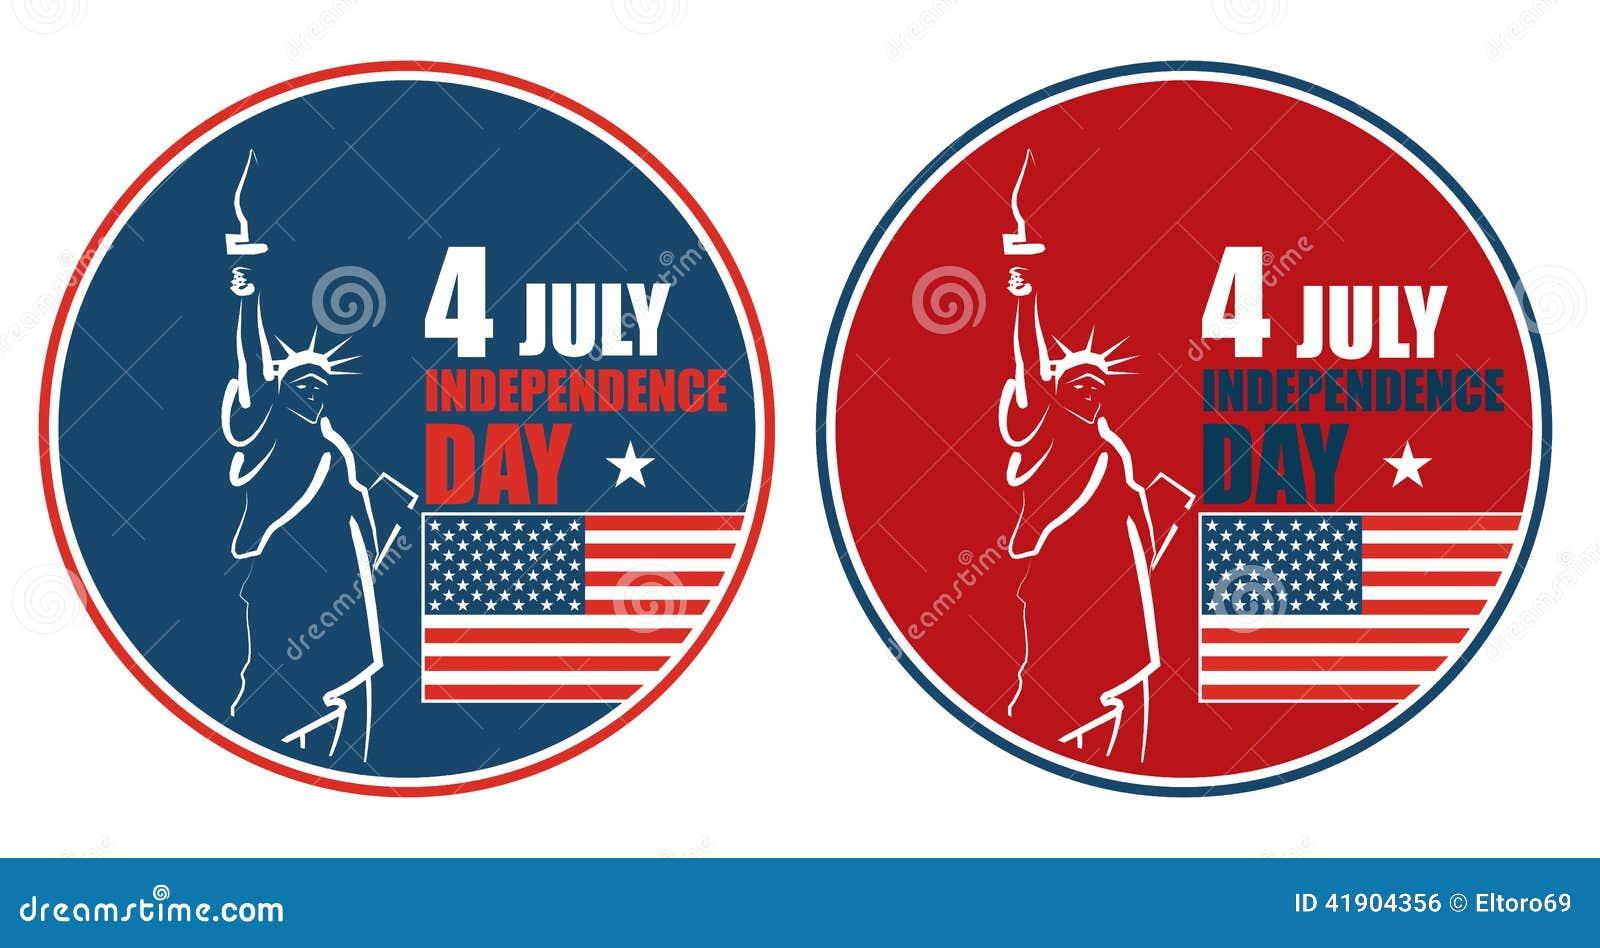 4to del Día de la Independencia americano de julio, ejemplo abstracto